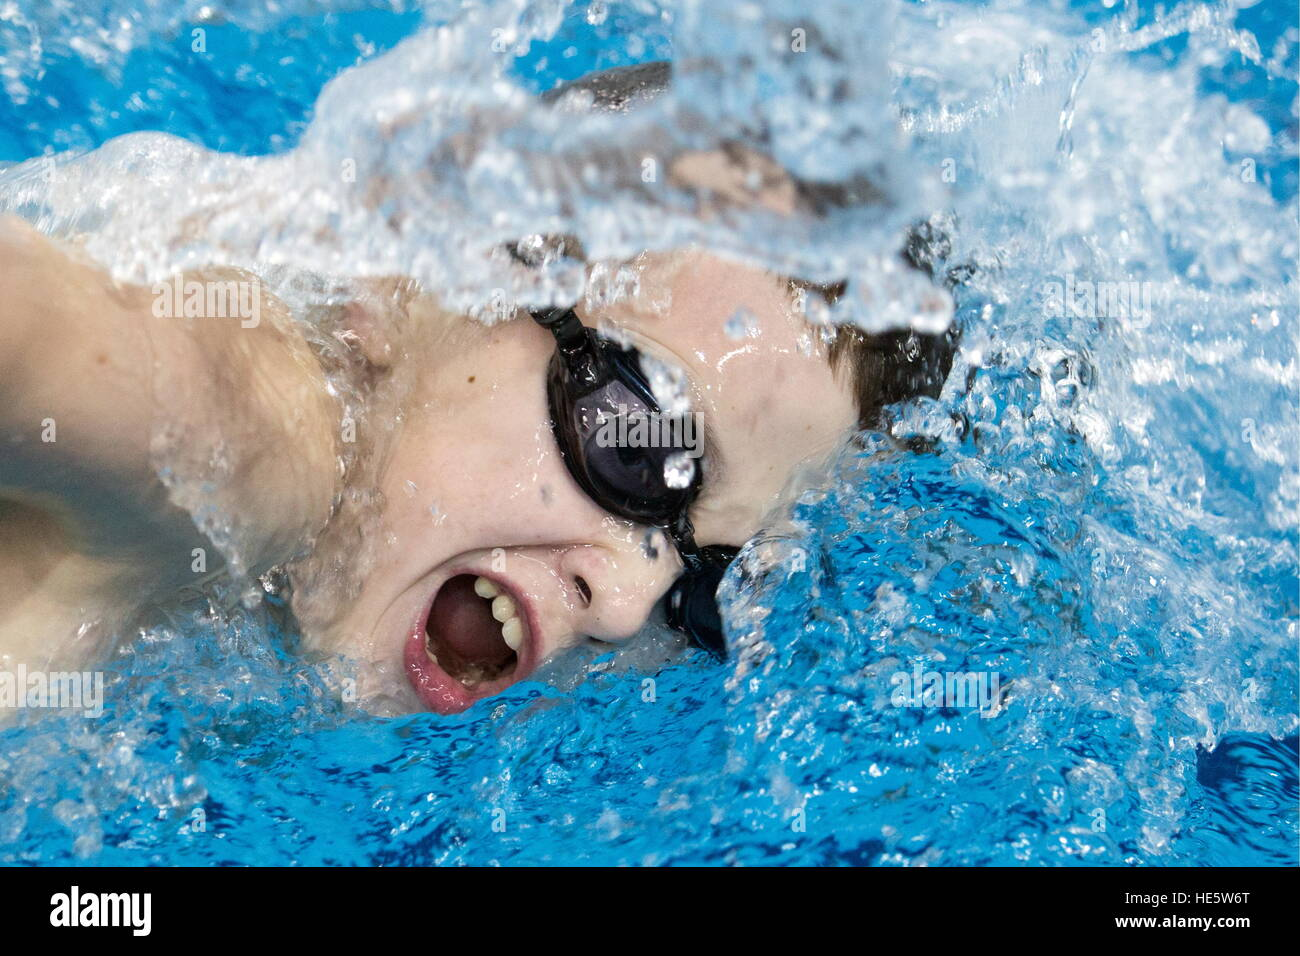 Omsk, Russie. 14Th Dec 2016. Un participant à une compétition de natation au Corps des cadets d'Omsk. Photo Stock